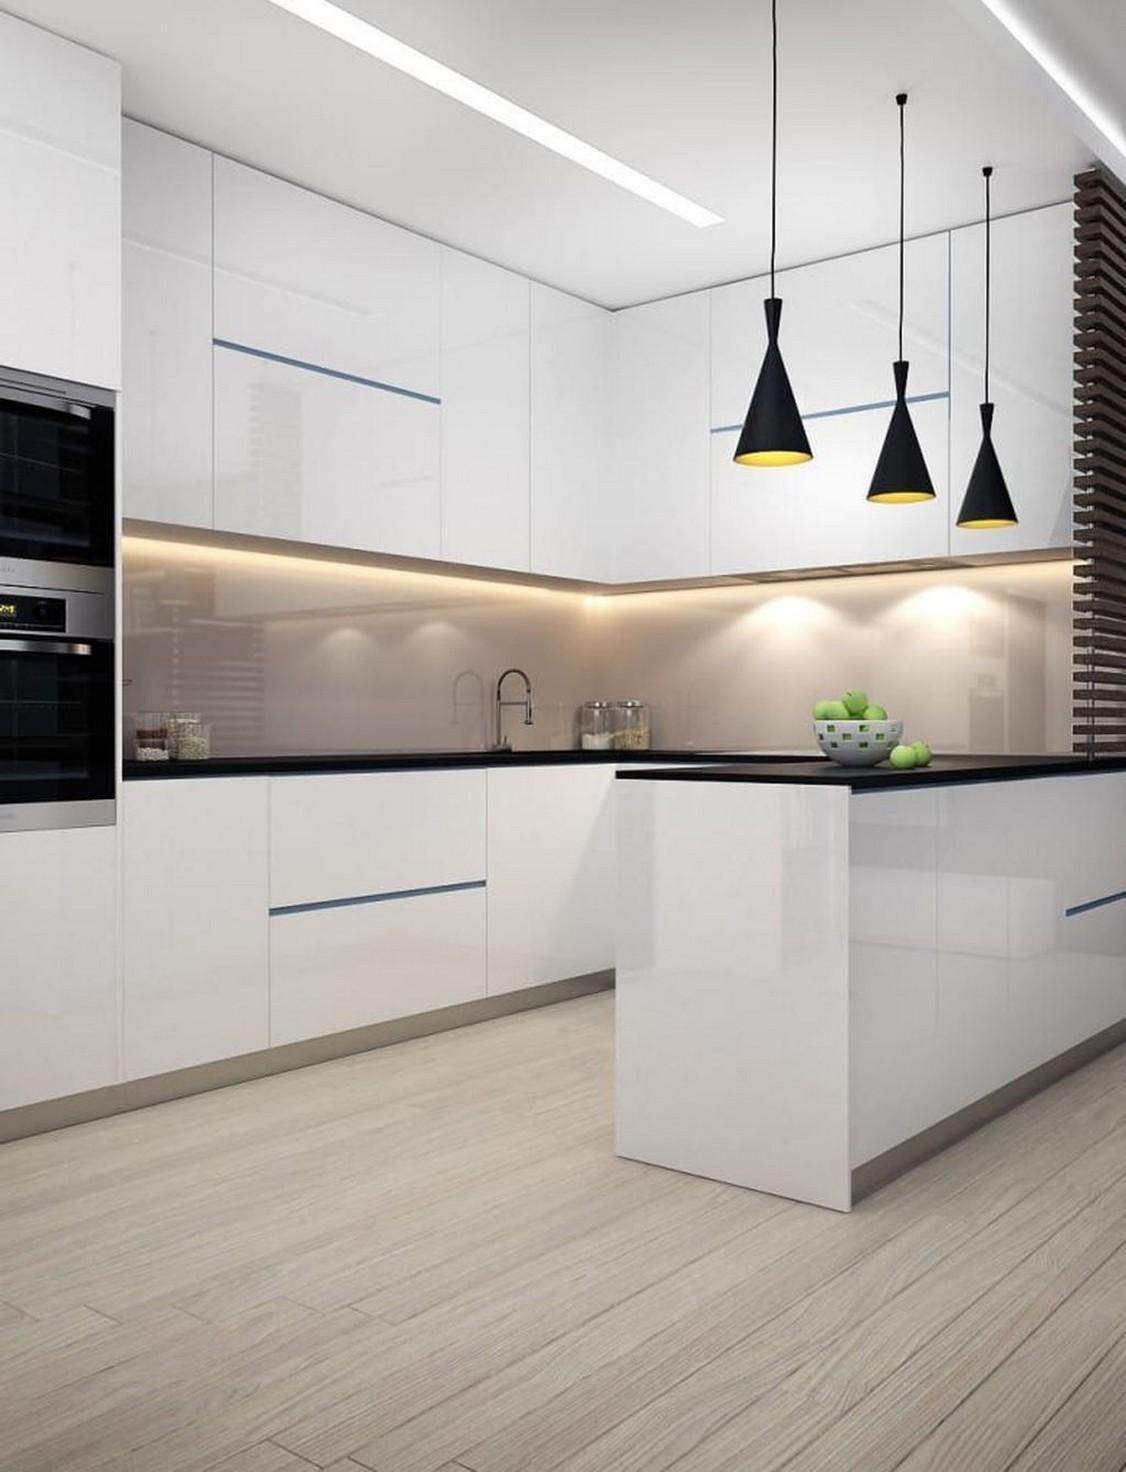 86 Modern Kitchen Ideas For Modern Kitchens Home Decor 14